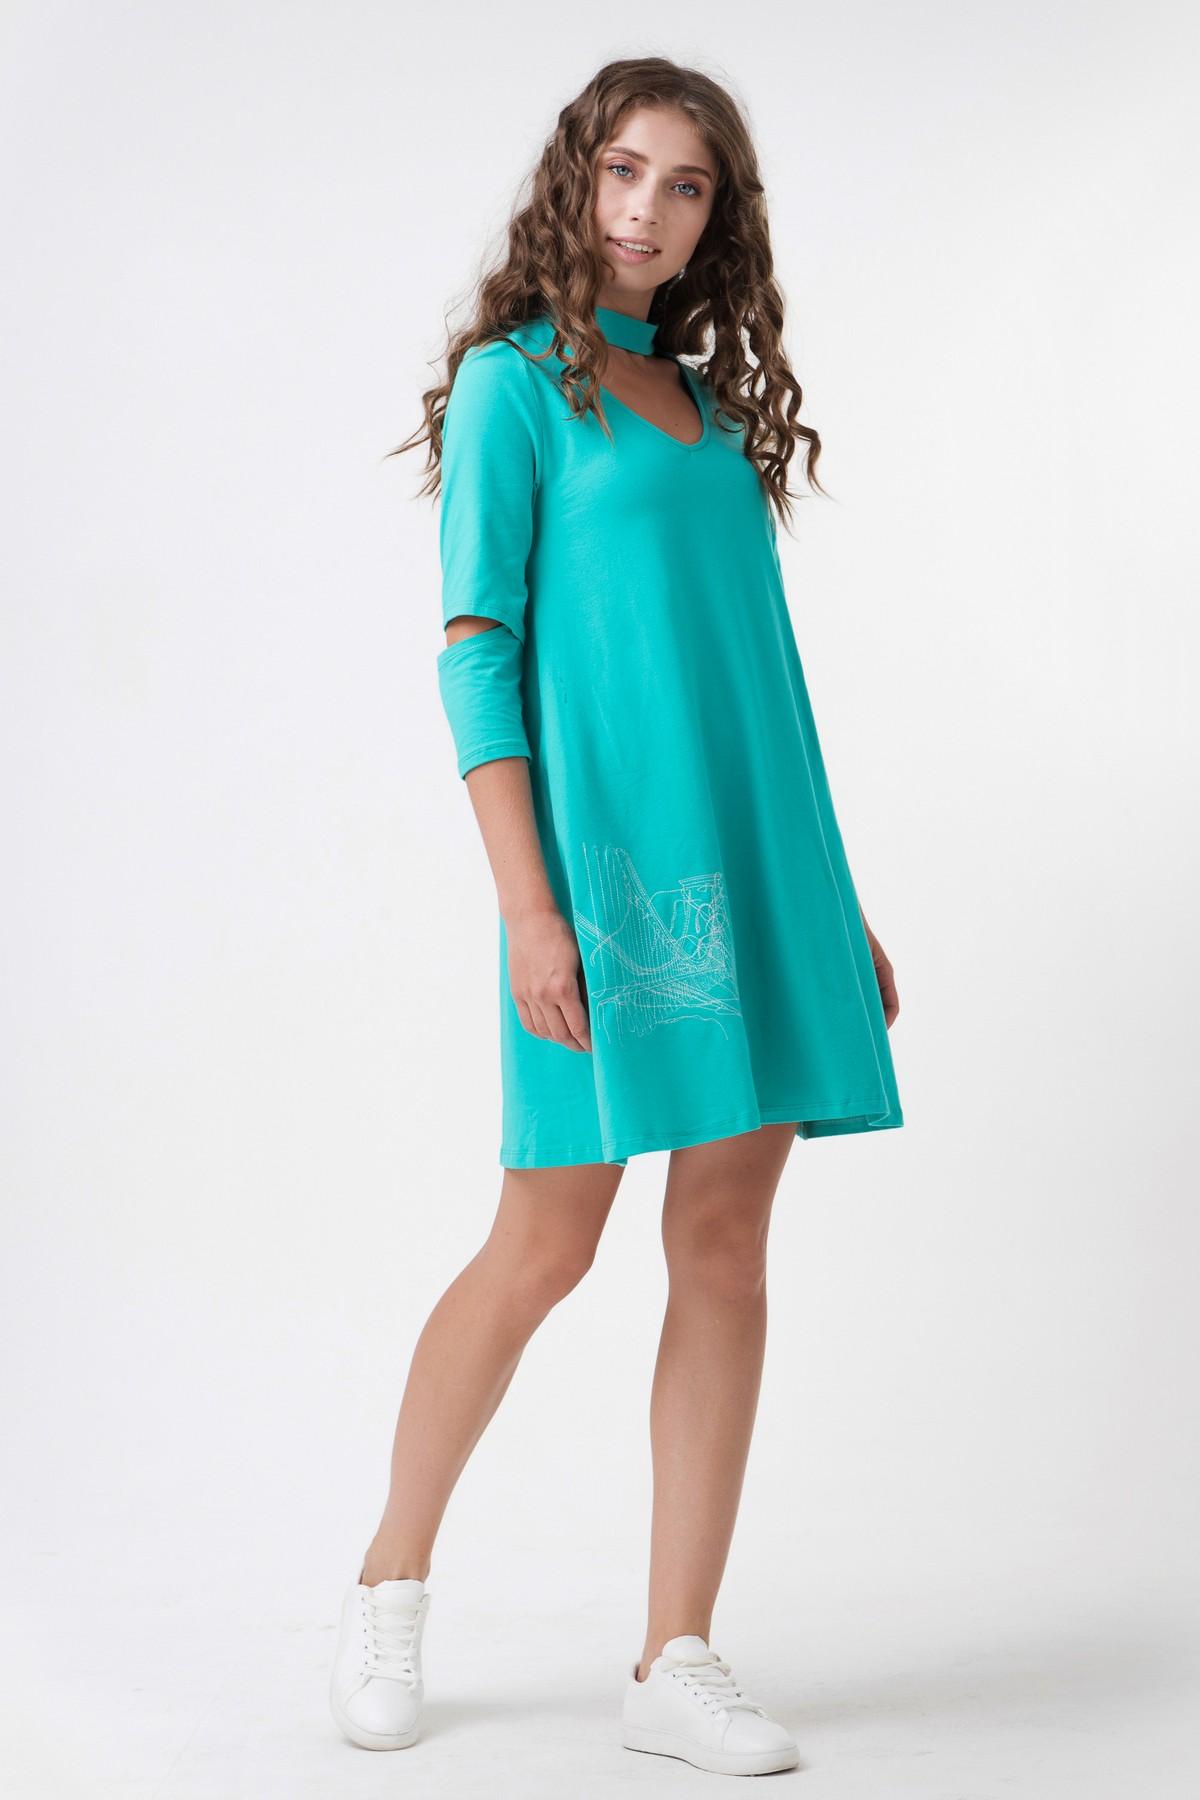 fdb9c268cc22407 Осеннее короткое платье с разрезом на рукавах RM1113-17DD, бирюзовый,  нажмите для увеличения